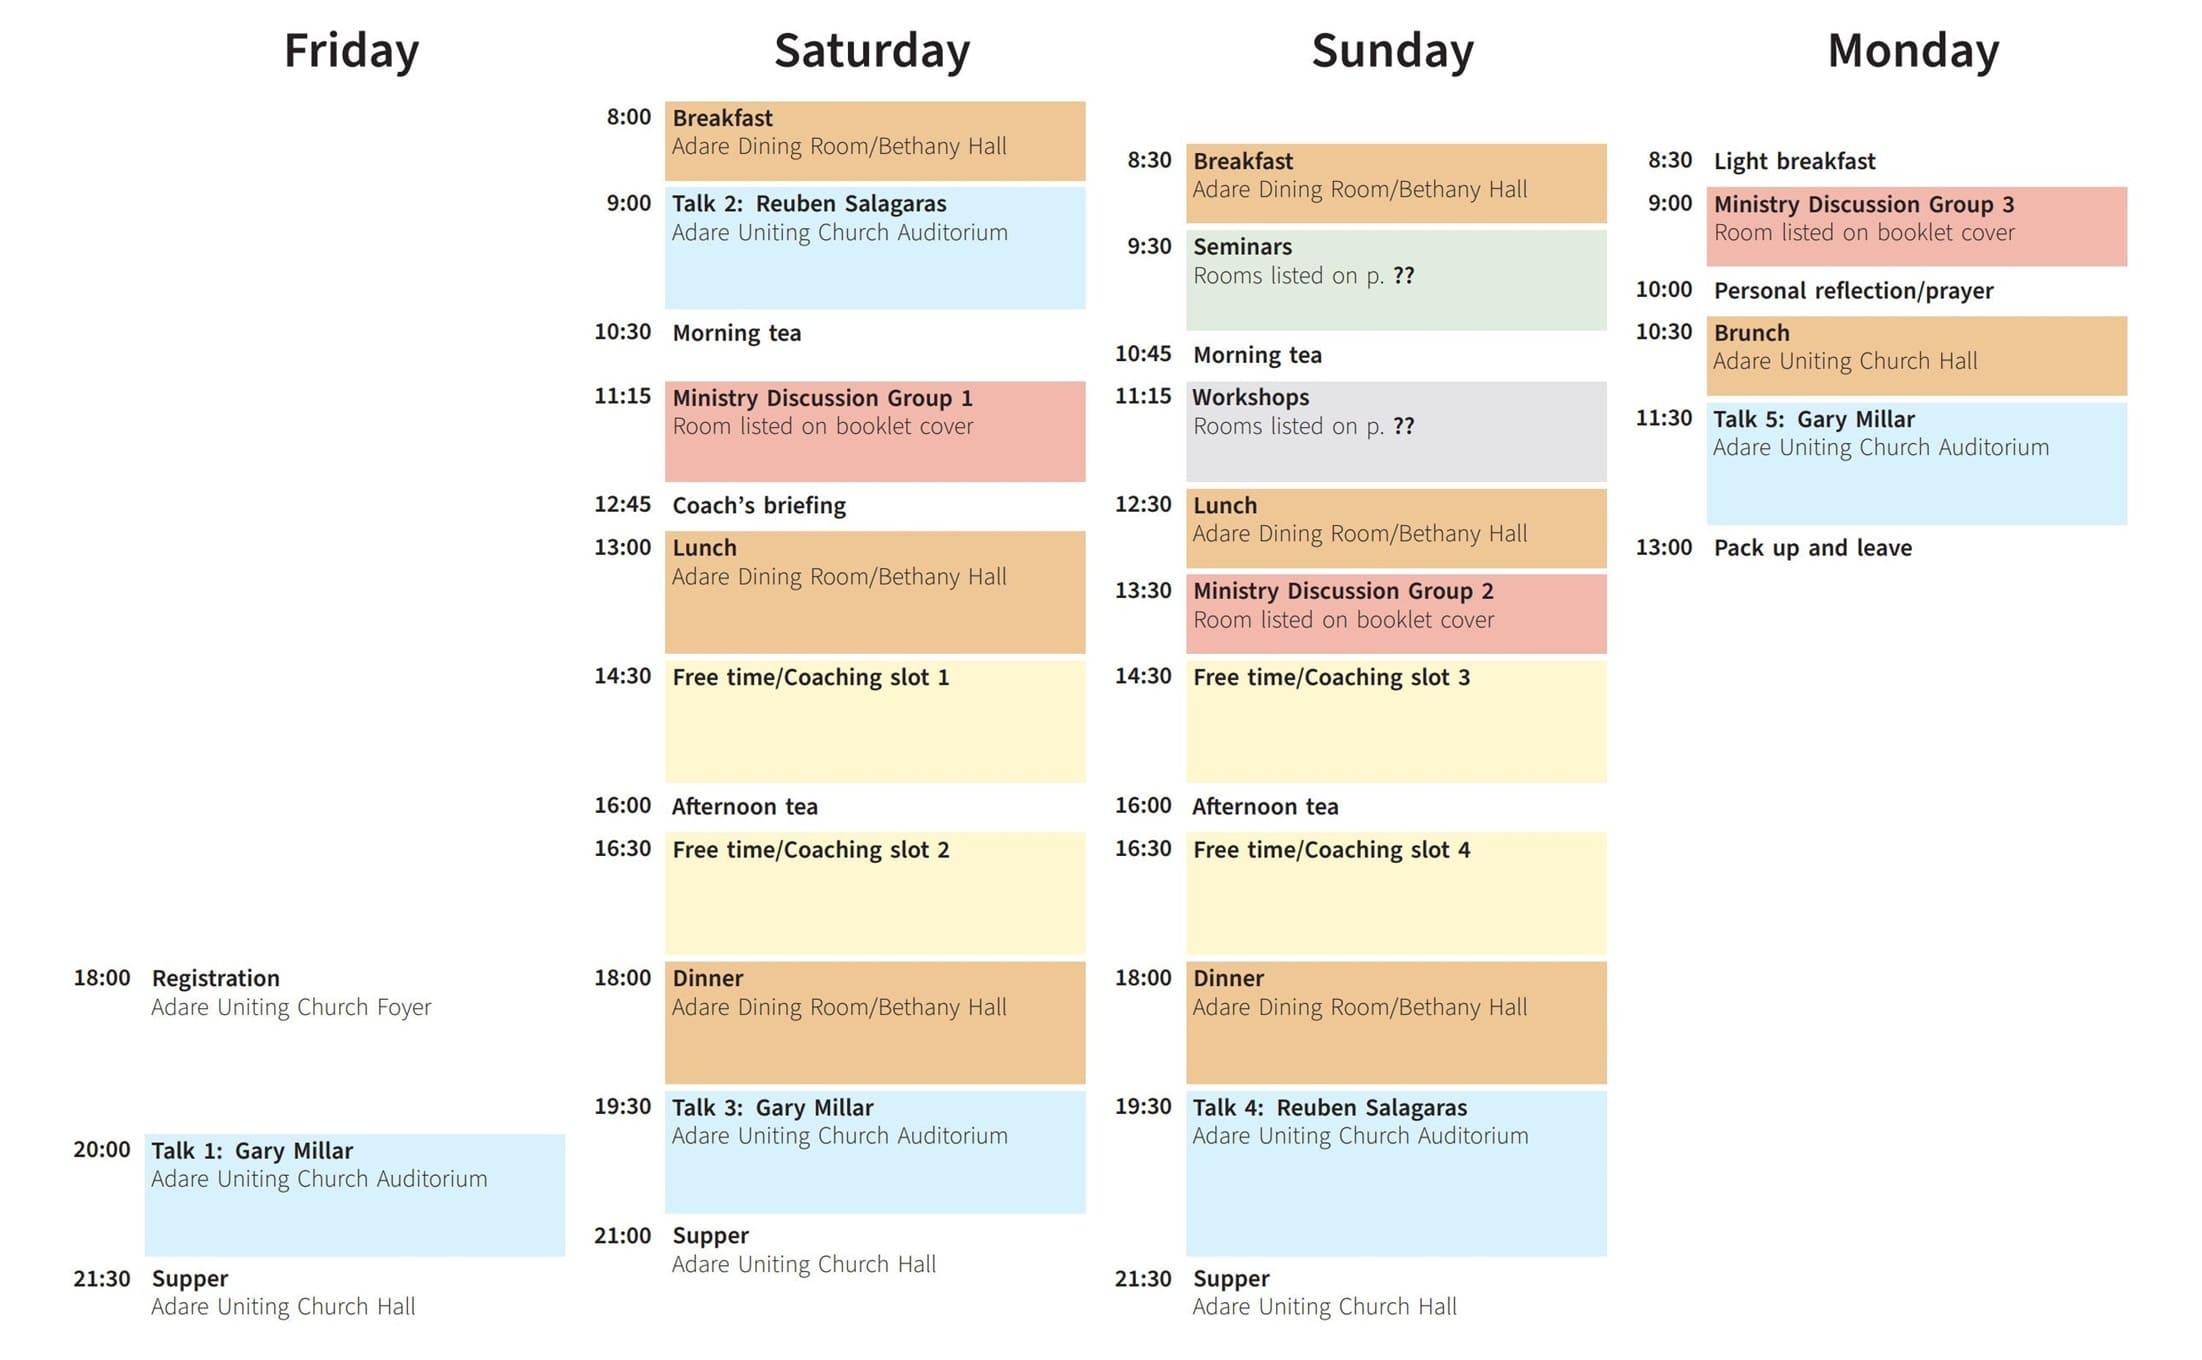 用 TikZ 绘制一个漂亮的时间表格